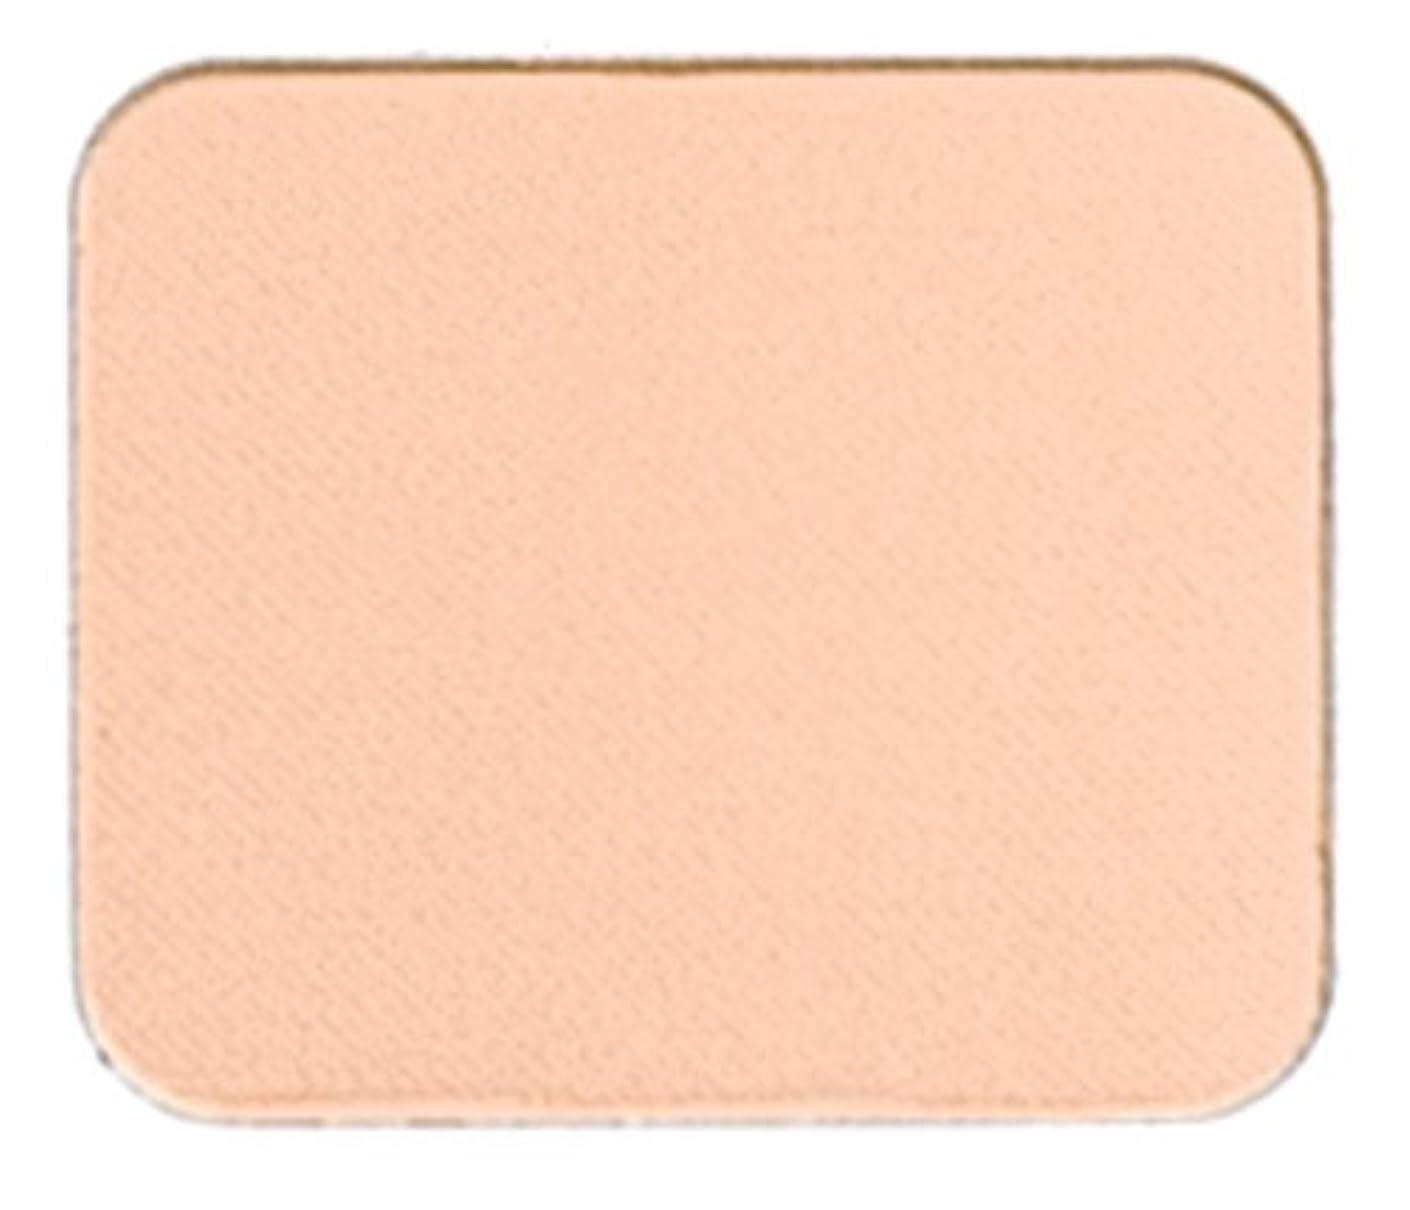 反抗防腐剤オゾンドクターシーラボ BBパーフェクトファンデーション WHITE377プラス ナチュラル1(明るい肌色) 12g SPF25 PA++